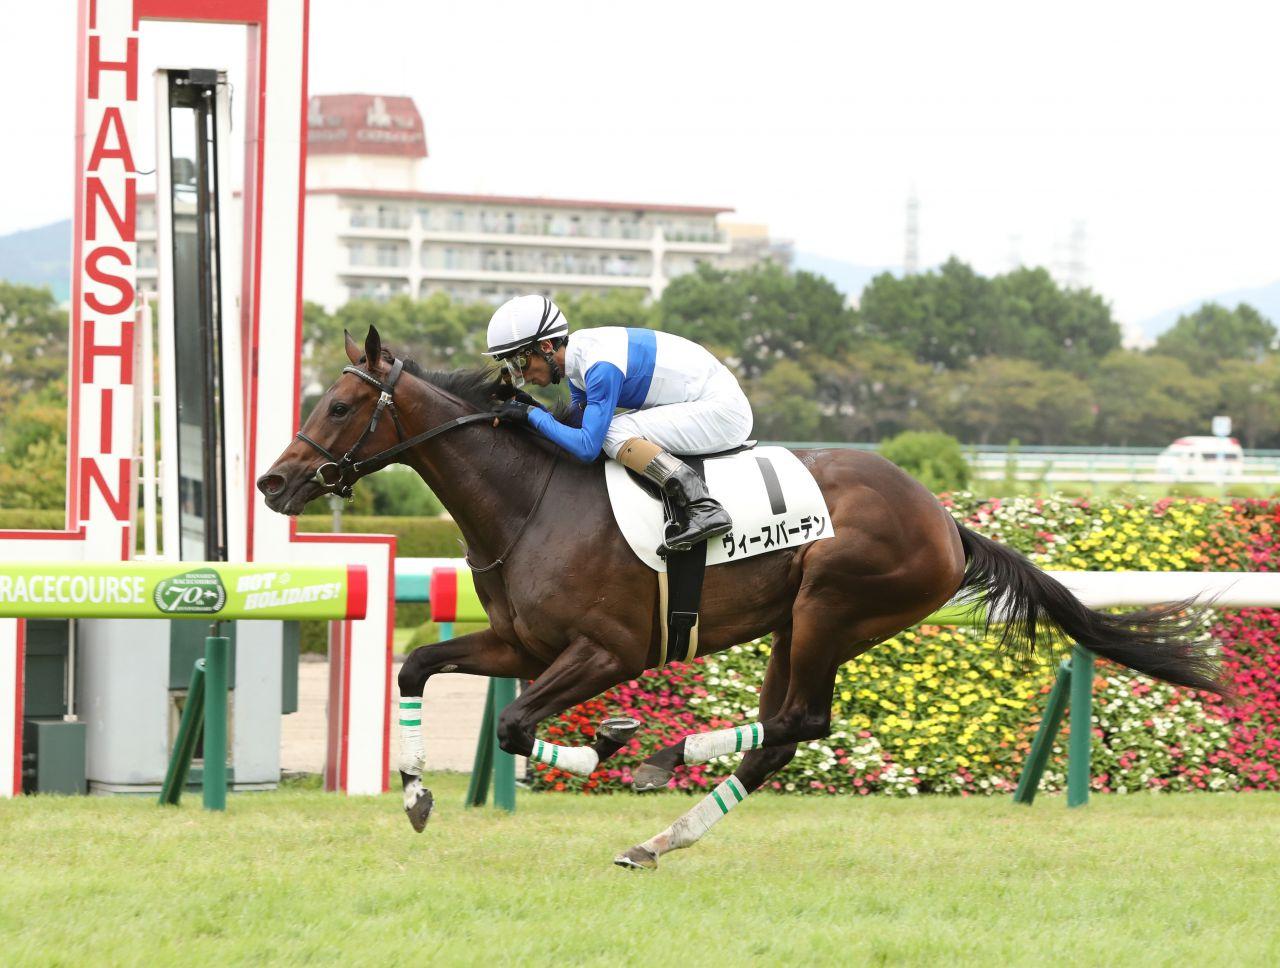 【新馬/阪神4R】ディープ産駒 ヴィースバーデンがデビュー勝ち